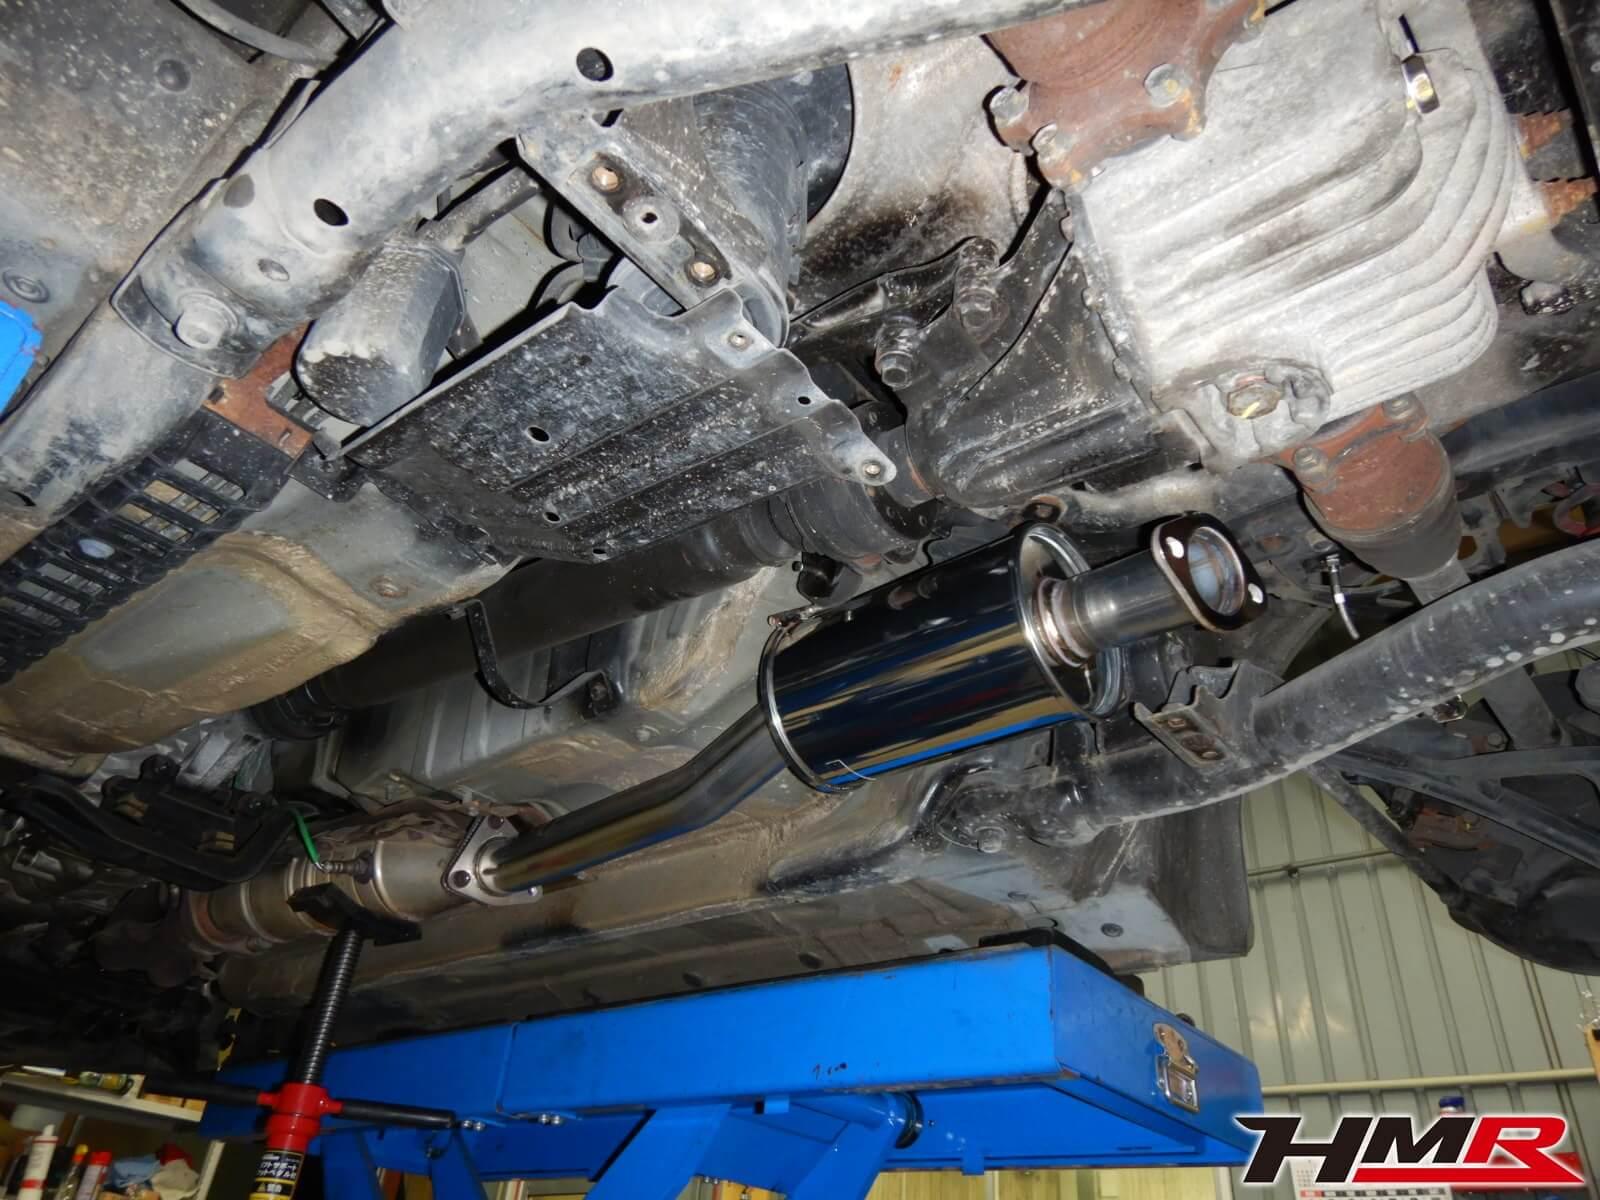 S2000 AP1 マフラー交換 SPOON